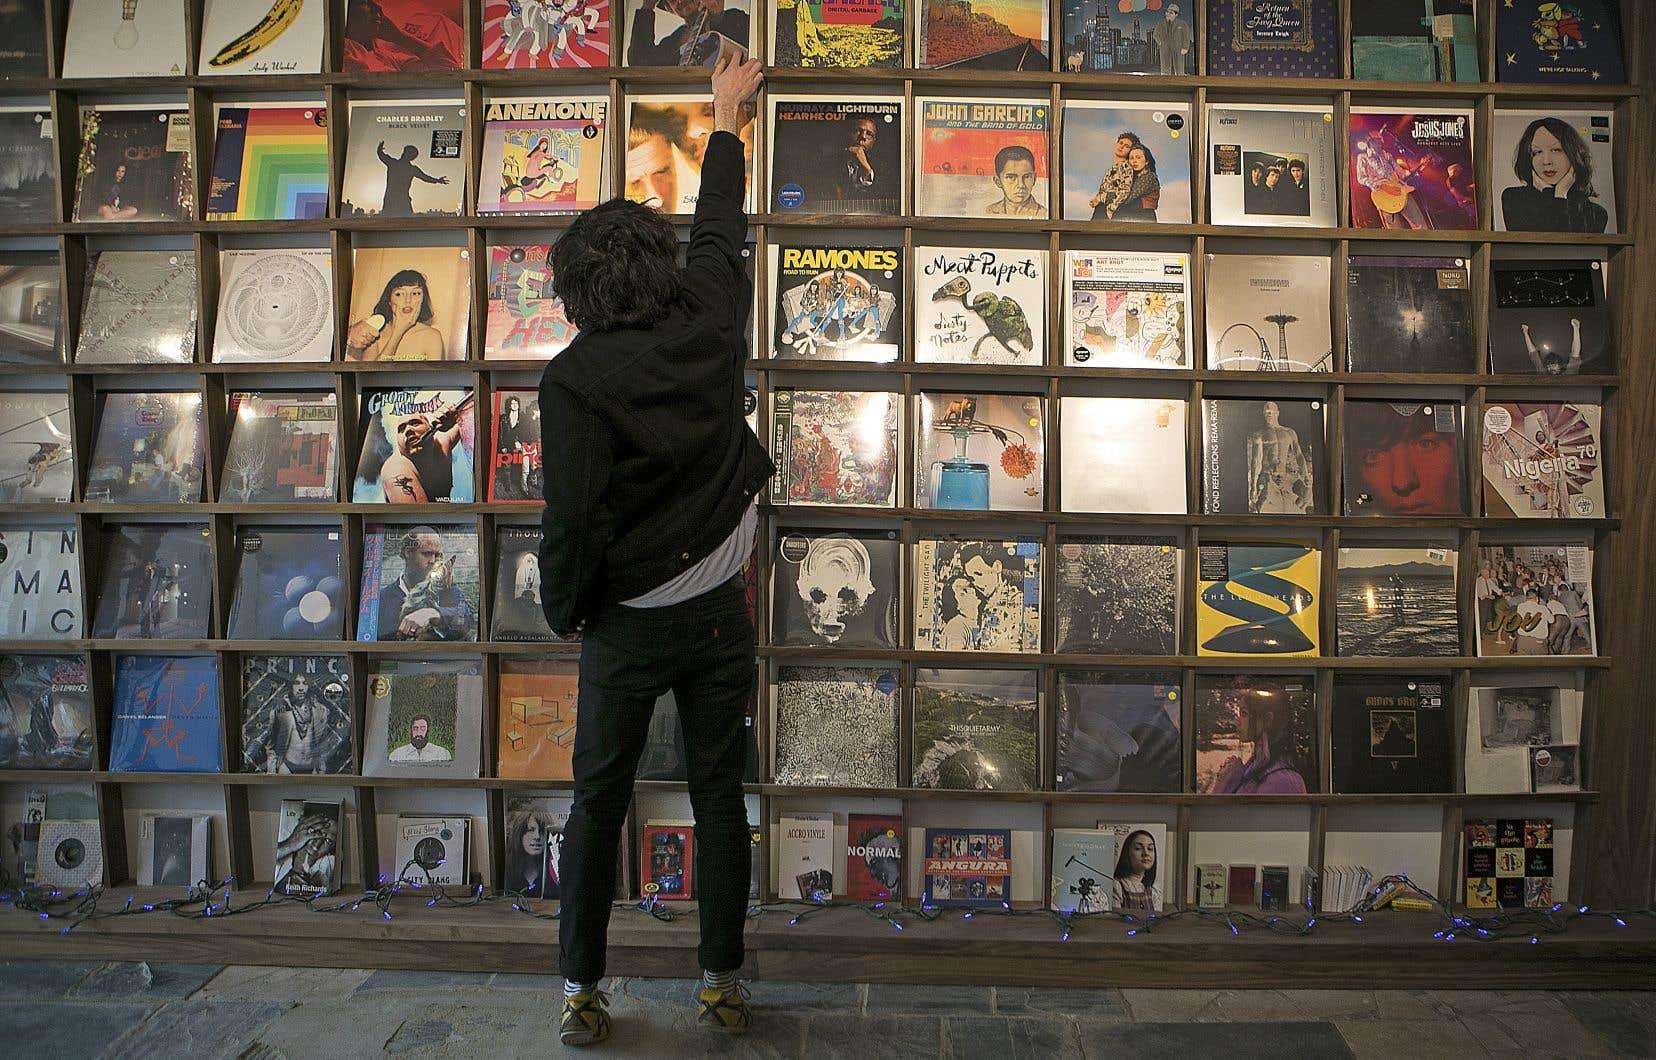 Parmi les ventes d'albums québécois, la part détenue par les produits en français a cependant connu une légère baisse, passant de 73% en 2017 à 71% en 2018.